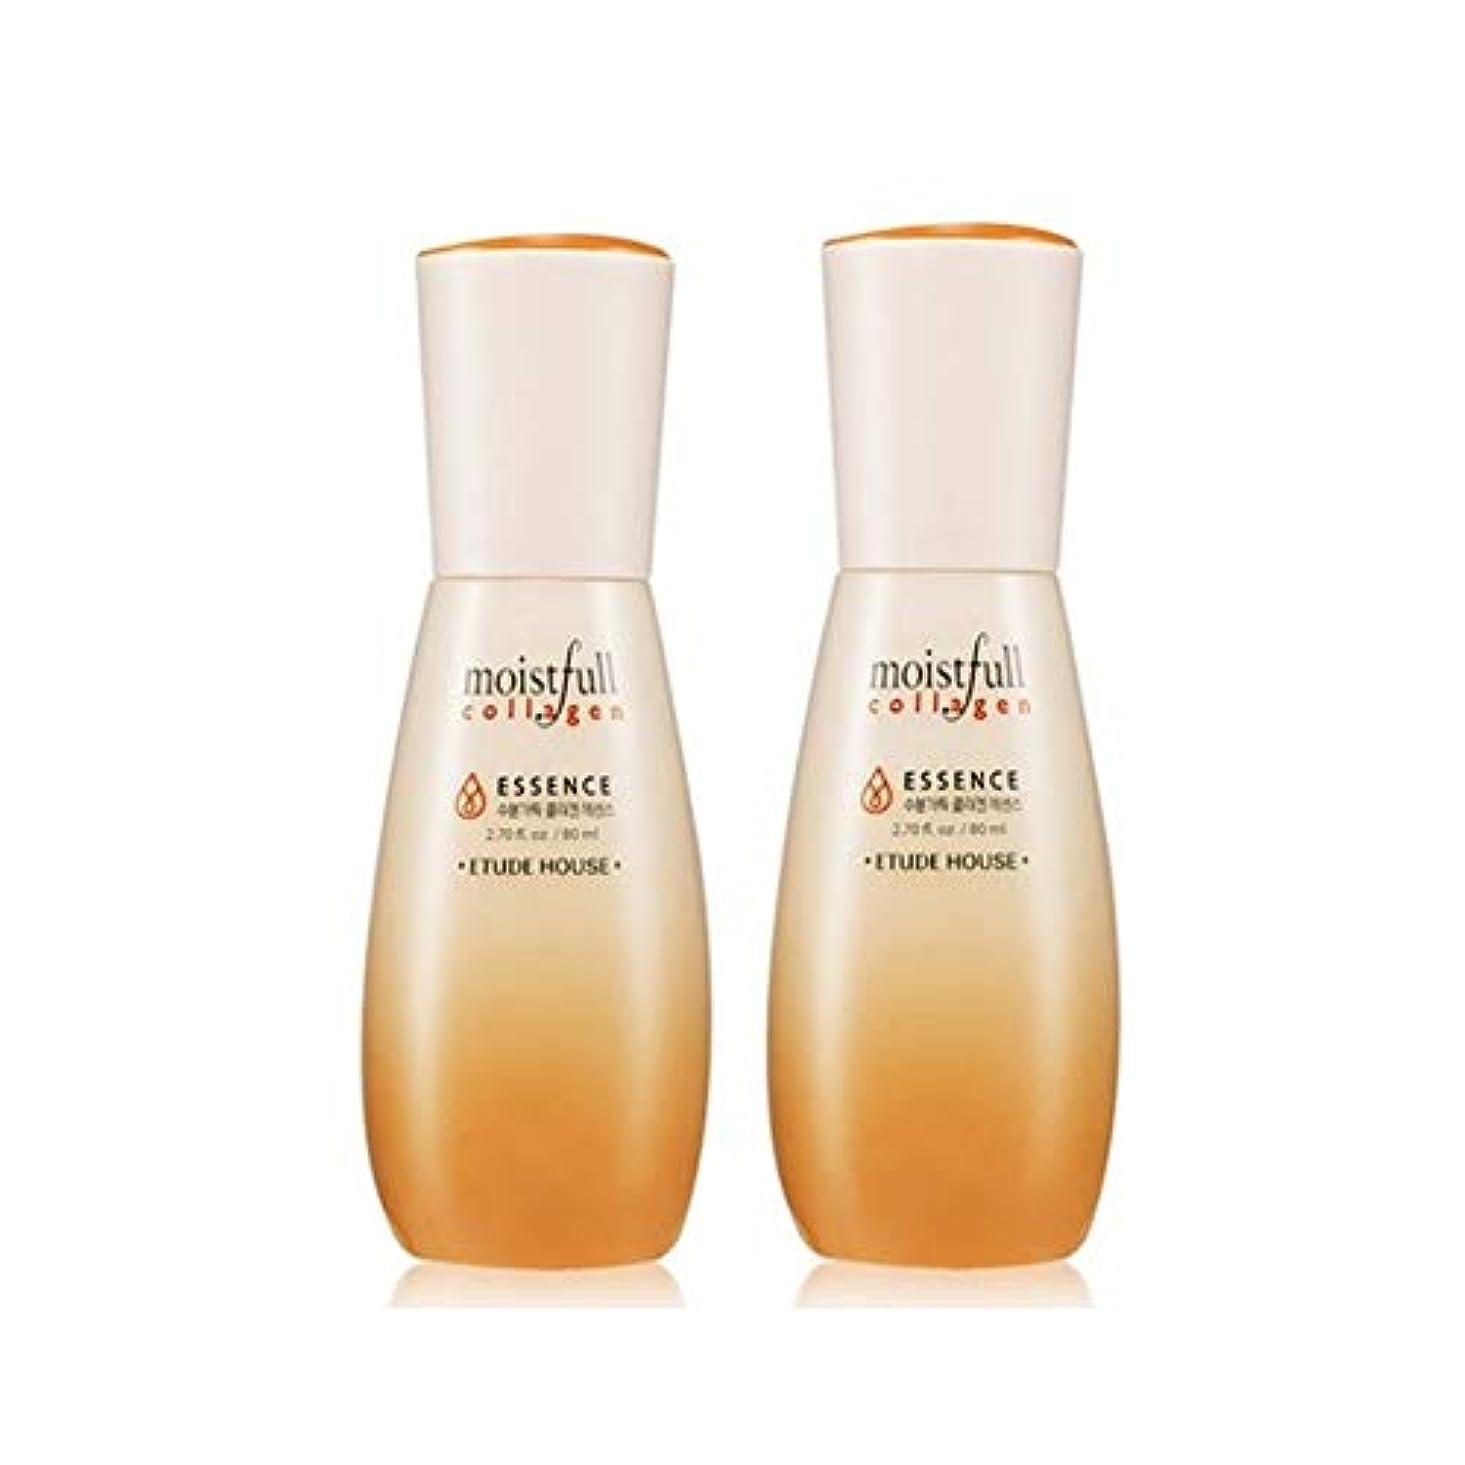 エチュードハウス水分いっぱいコラーゲンエッセンス80ml x 2本セット韓国コスメ、Etude House Moistfull Collagen Essence 80ml x 2ea Set Korean Cosmetics...